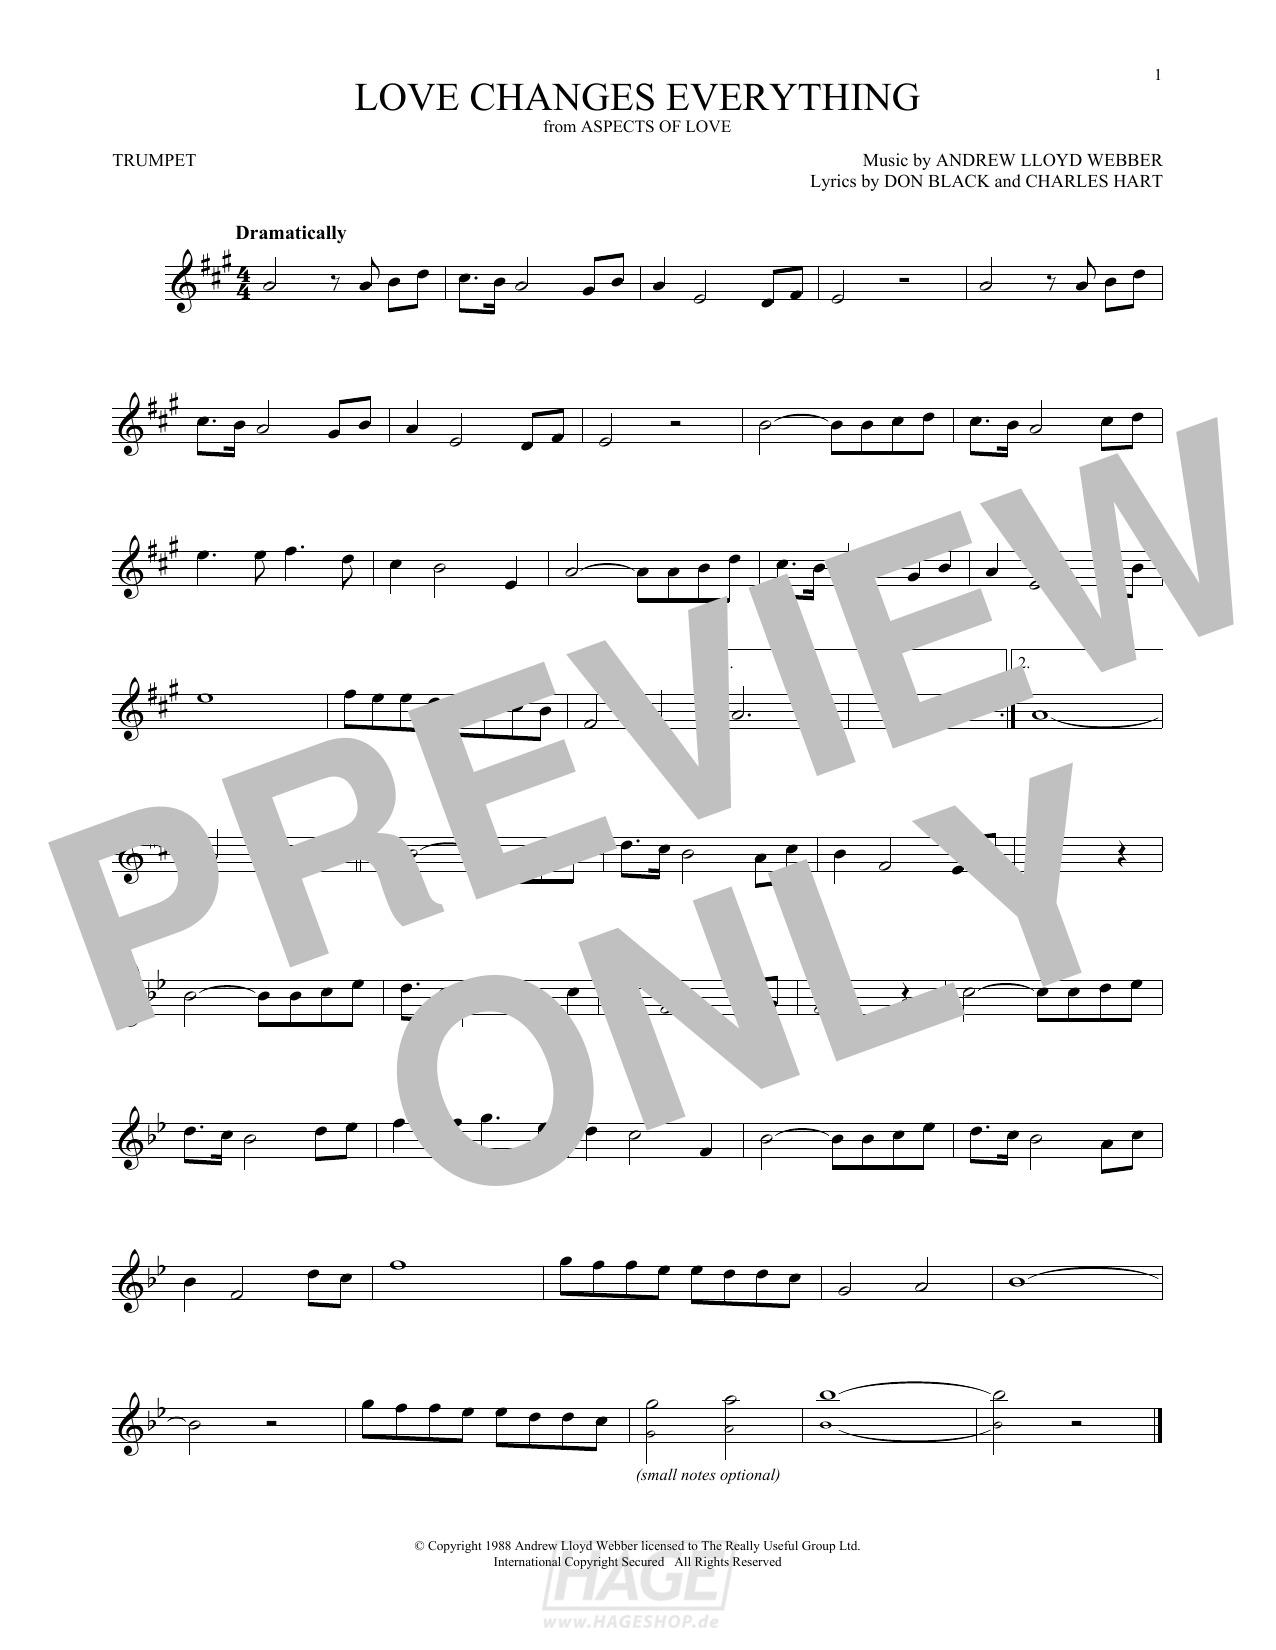 Love Changes Everything - Andrew Lloyd Webber - Noten Druckvorschau